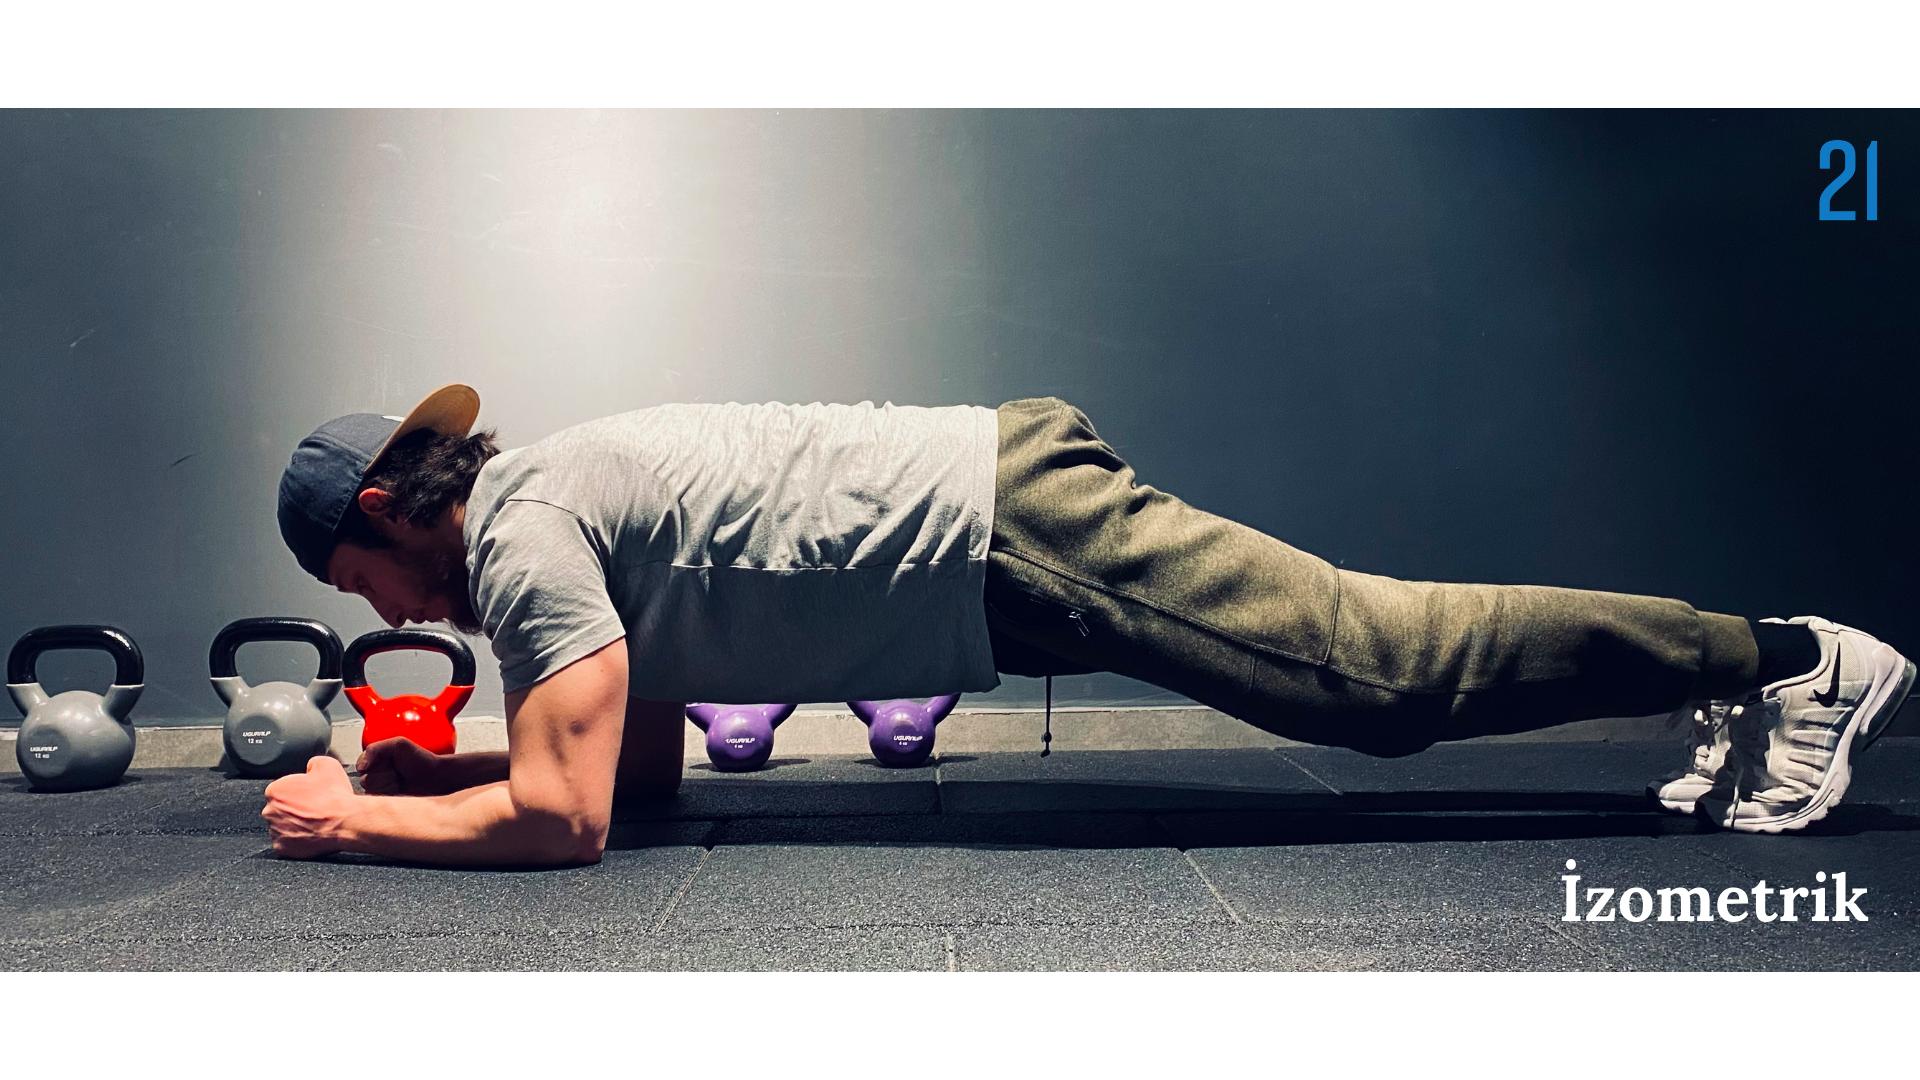 Plank pozisyonu almış birine ait bir görsel.